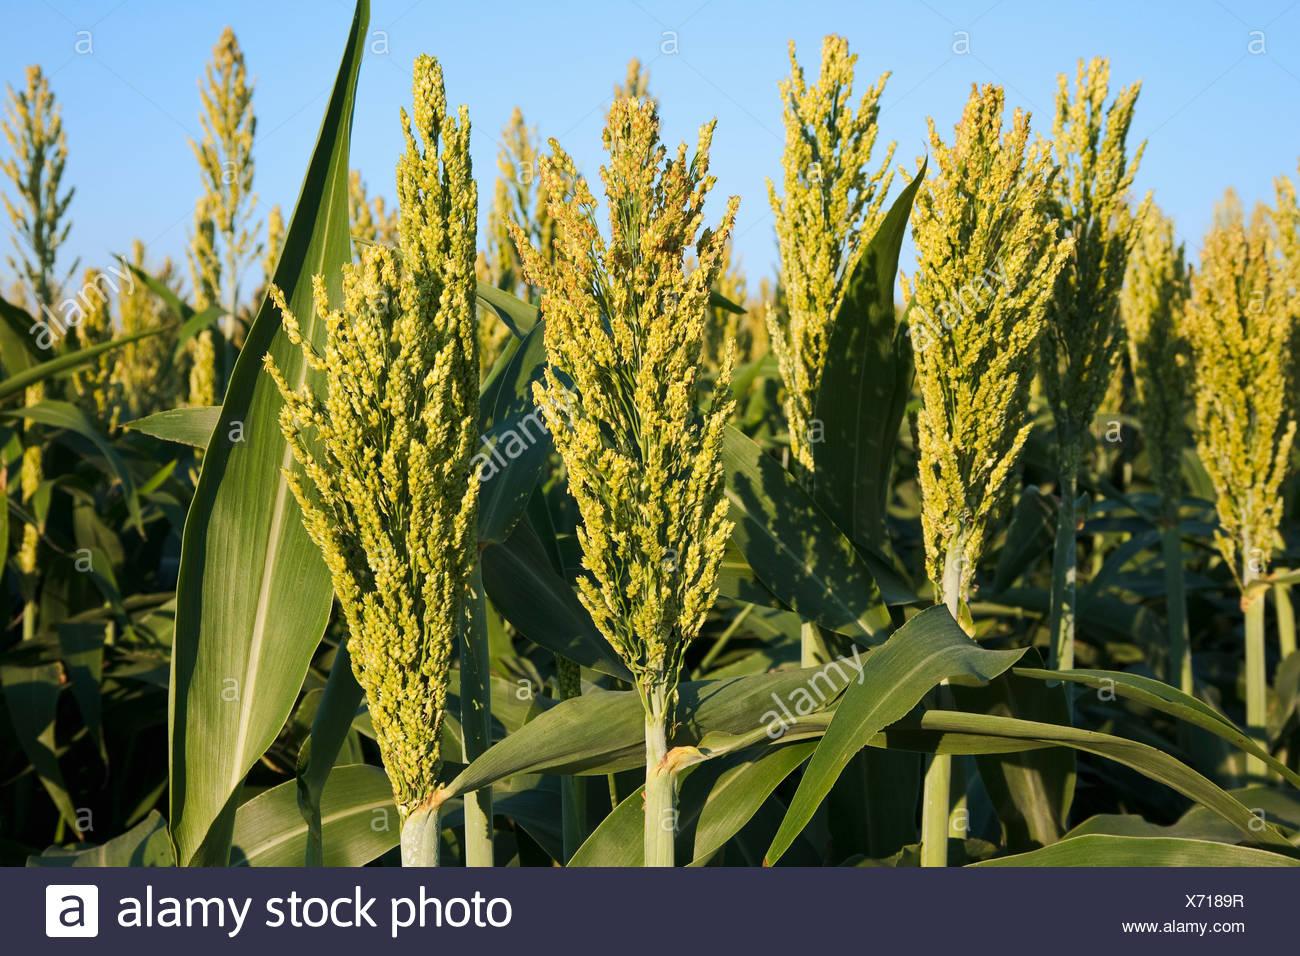 Agricultura - Closeup del grano de sorgo con plantas totalmente formado y maduración jefes / Arkansas, Estados Unidos. Imagen De Stock